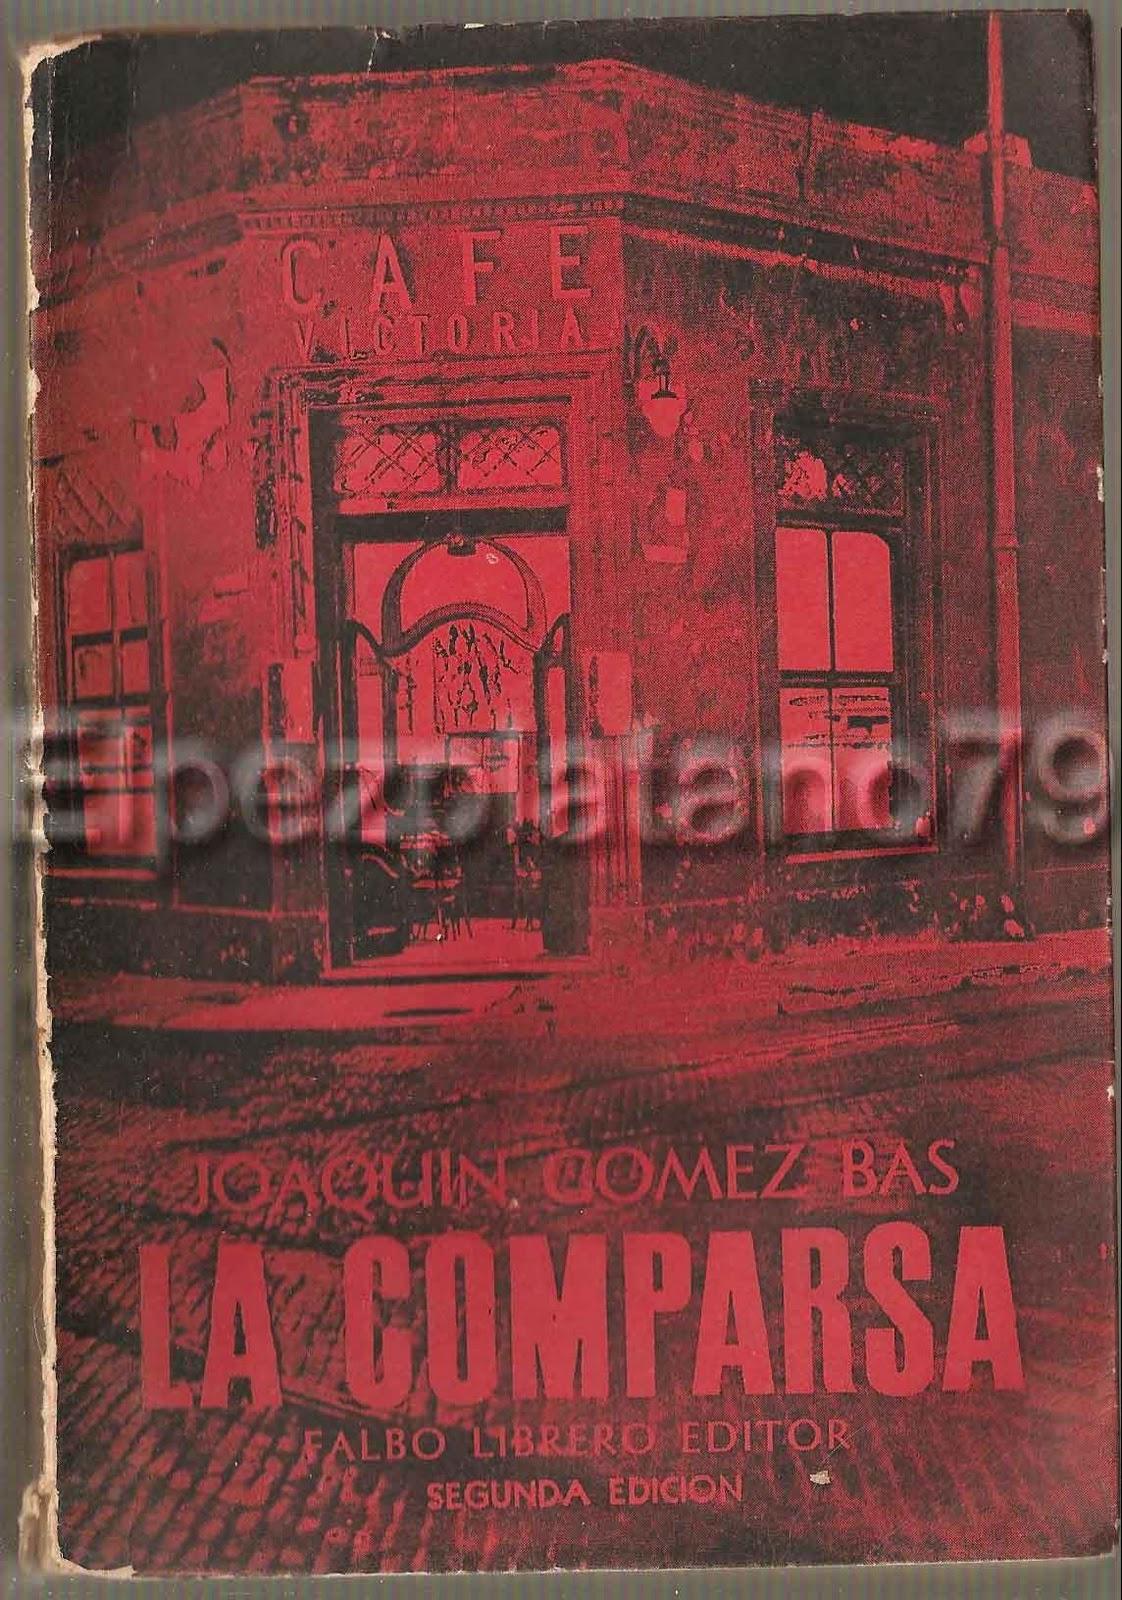 Joaquín Gomez Bas - Poemas La Comparsa